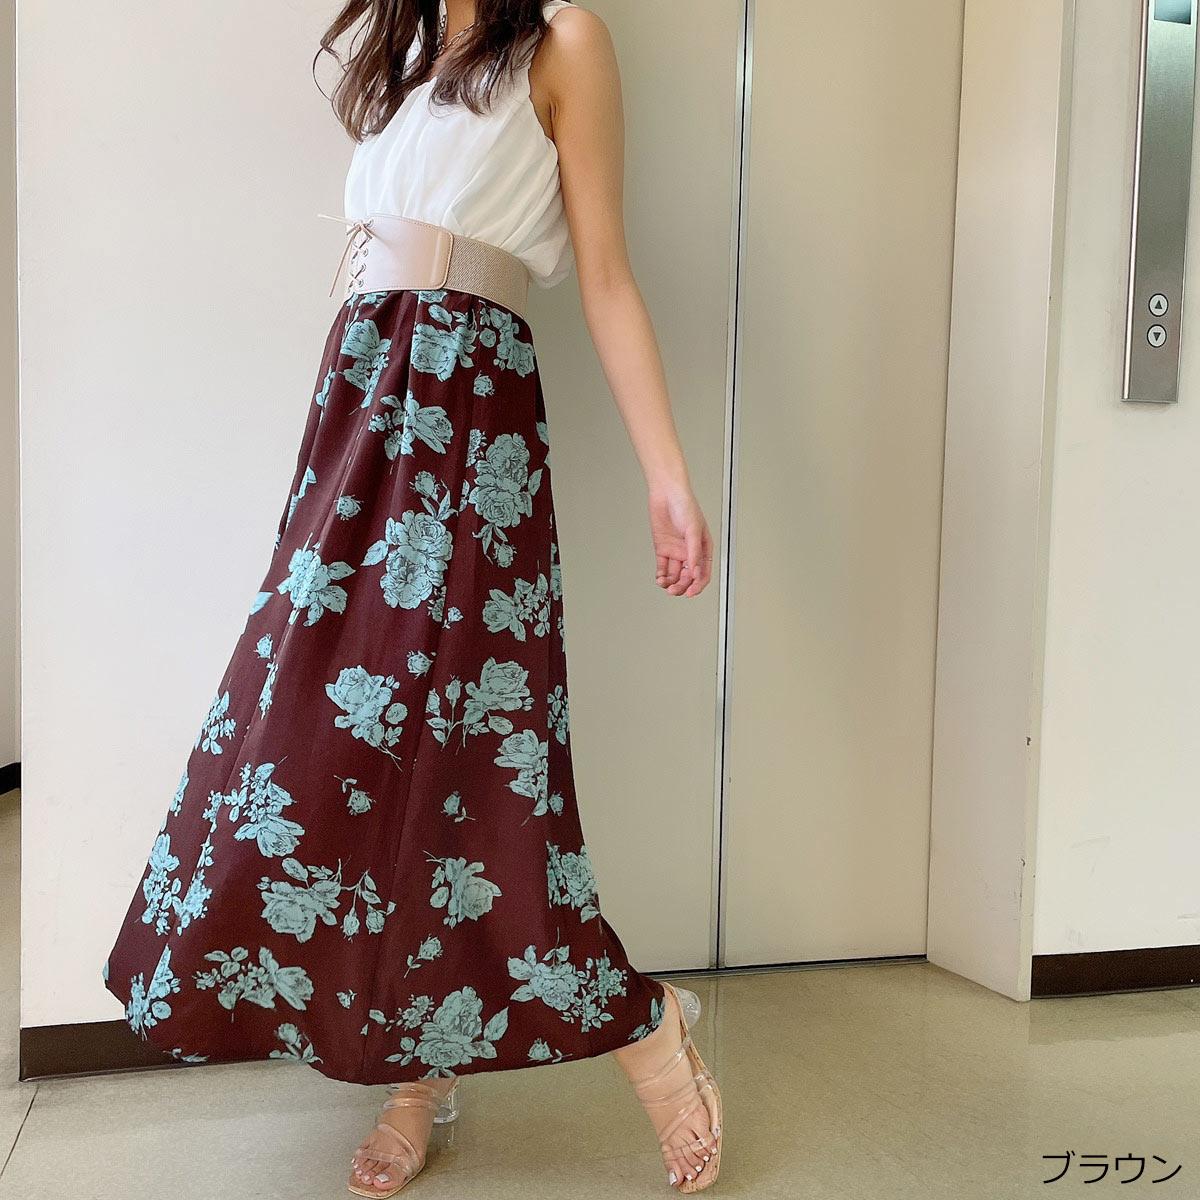 【7/20再入荷】ベルト付きドッキングワンピース